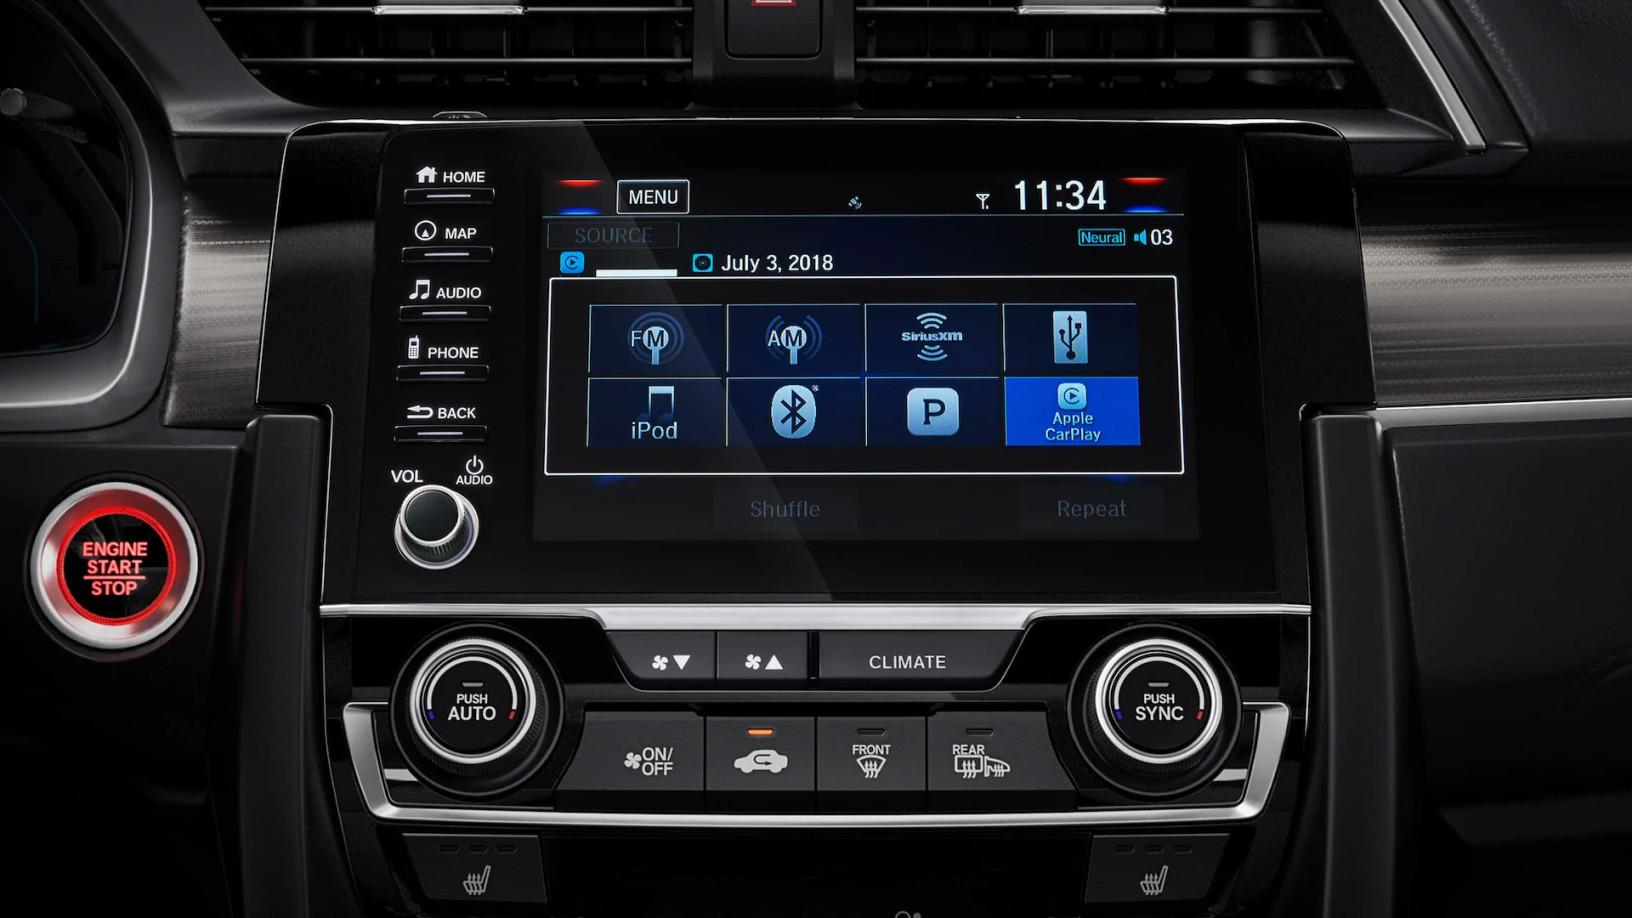 2020 Honda Civic Media Hub